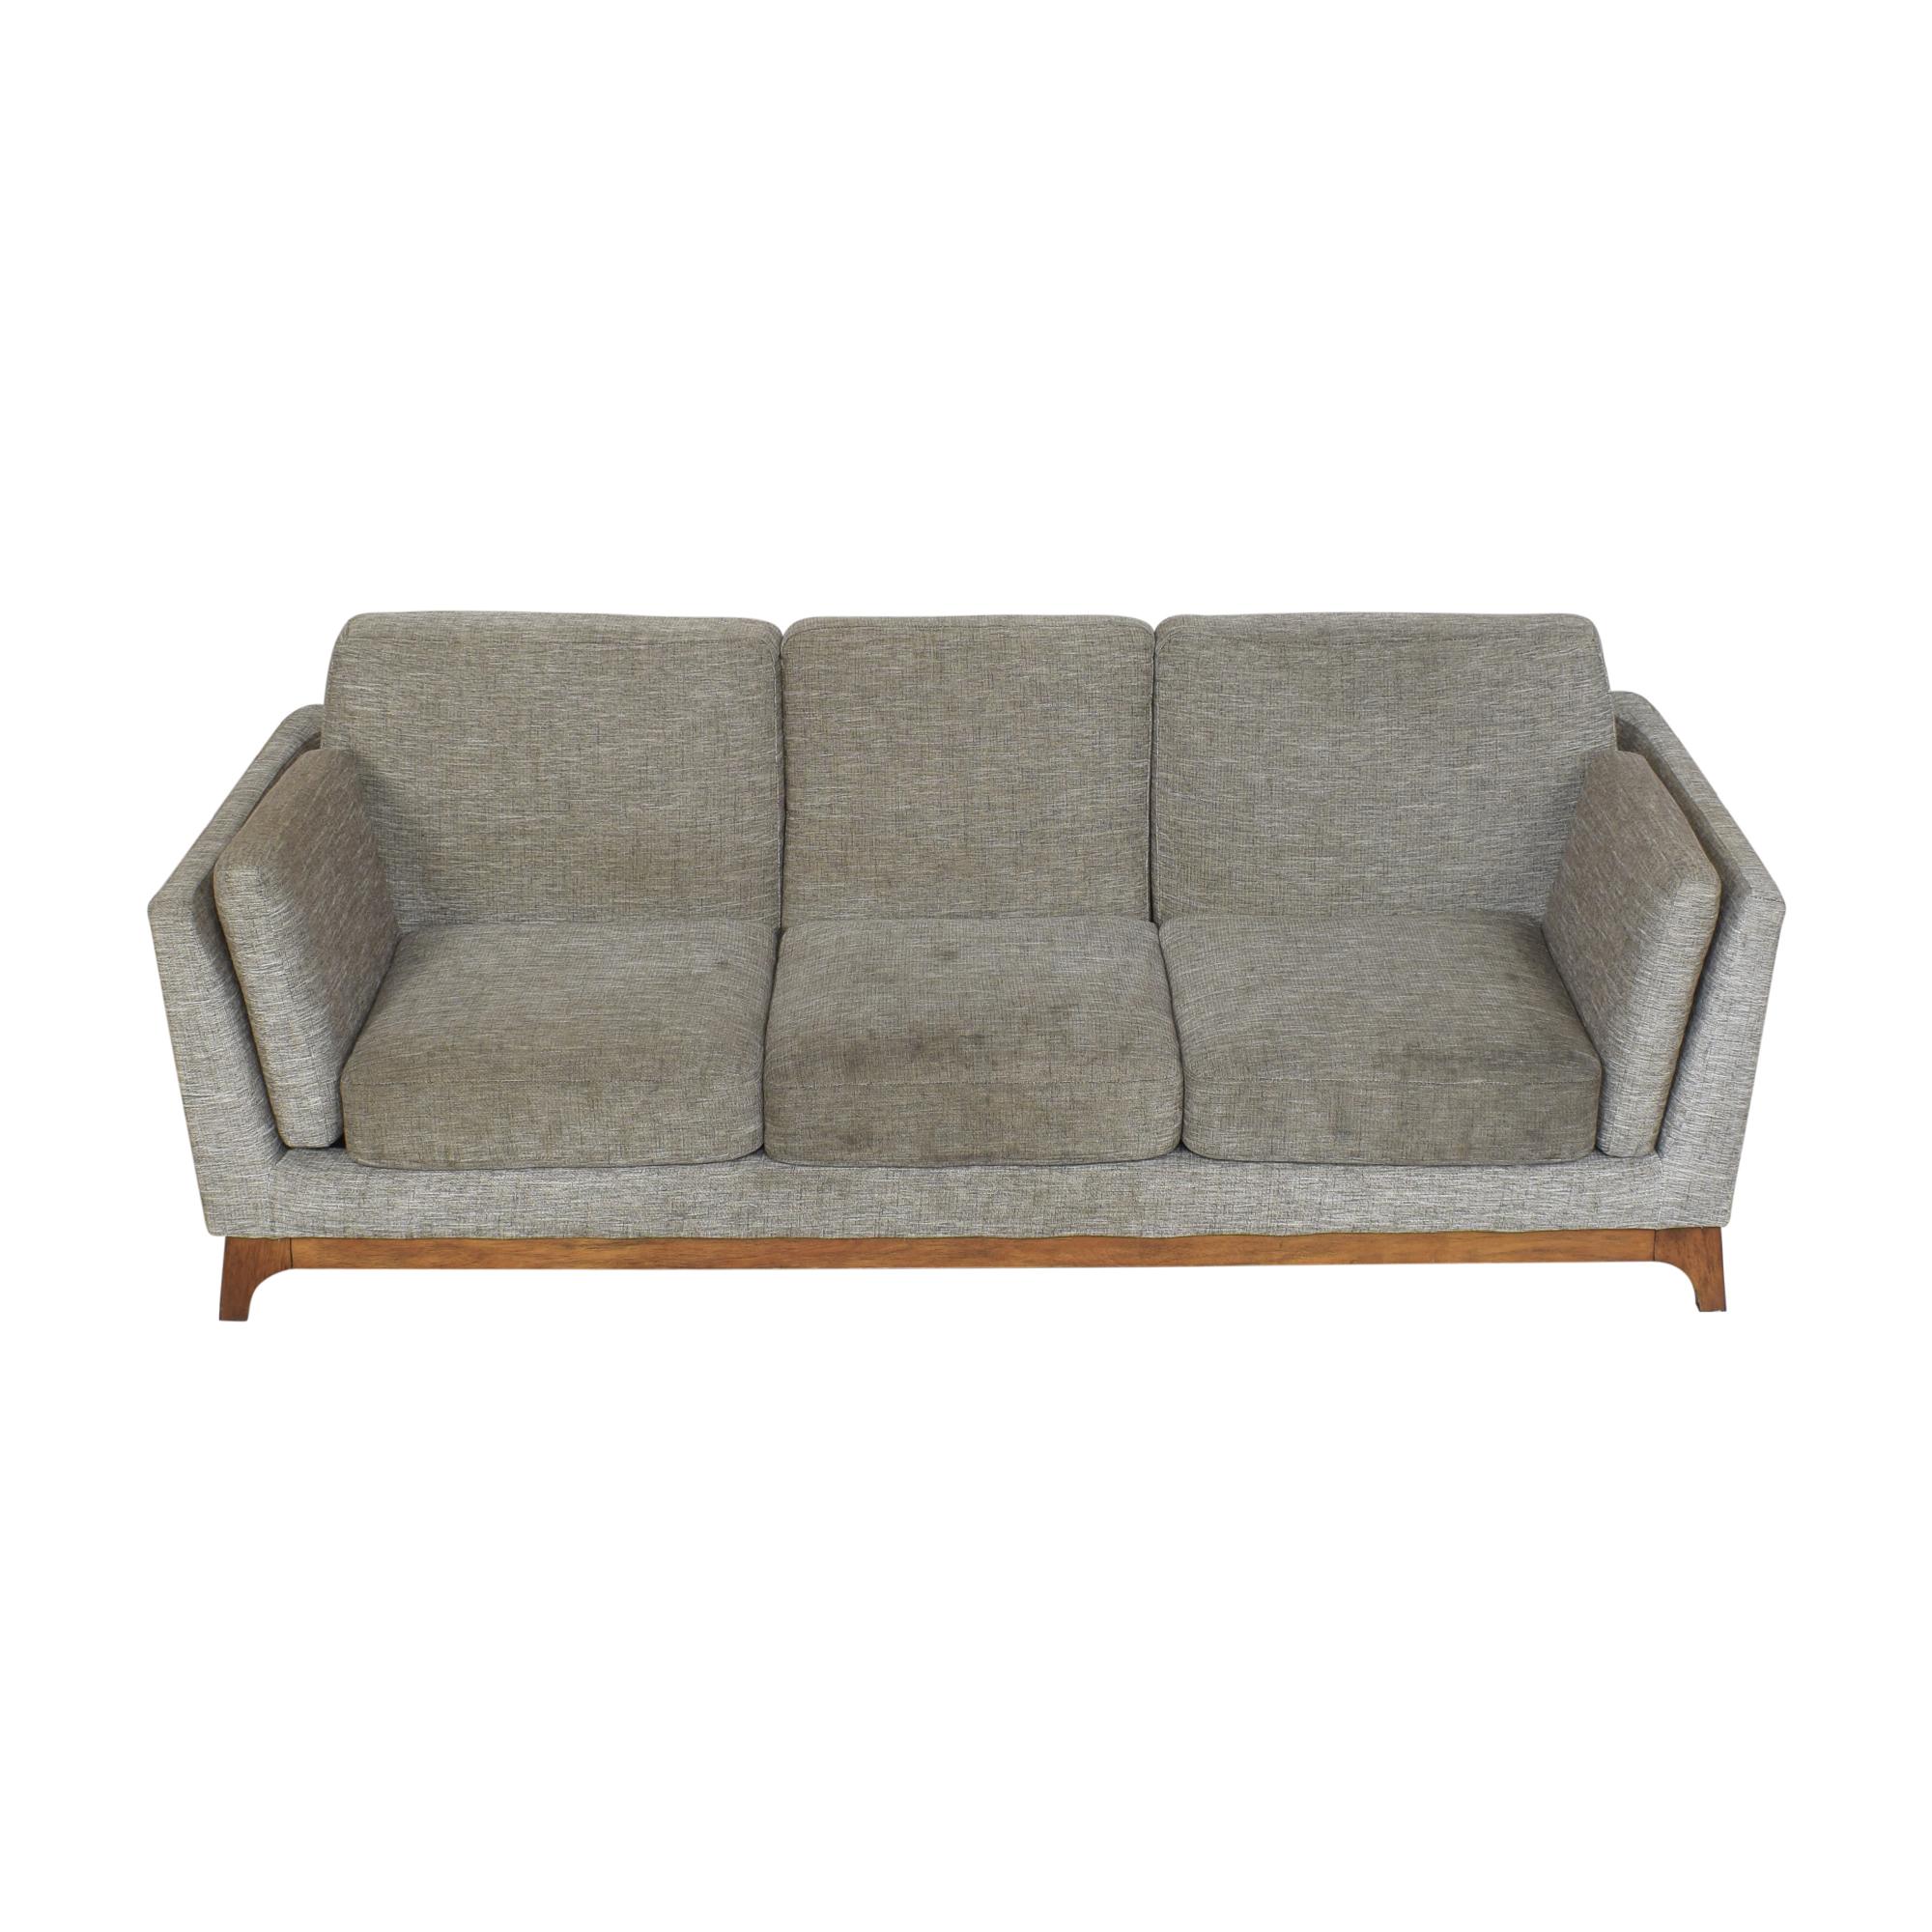 Article Article Ceni Three Cushion Sofa used